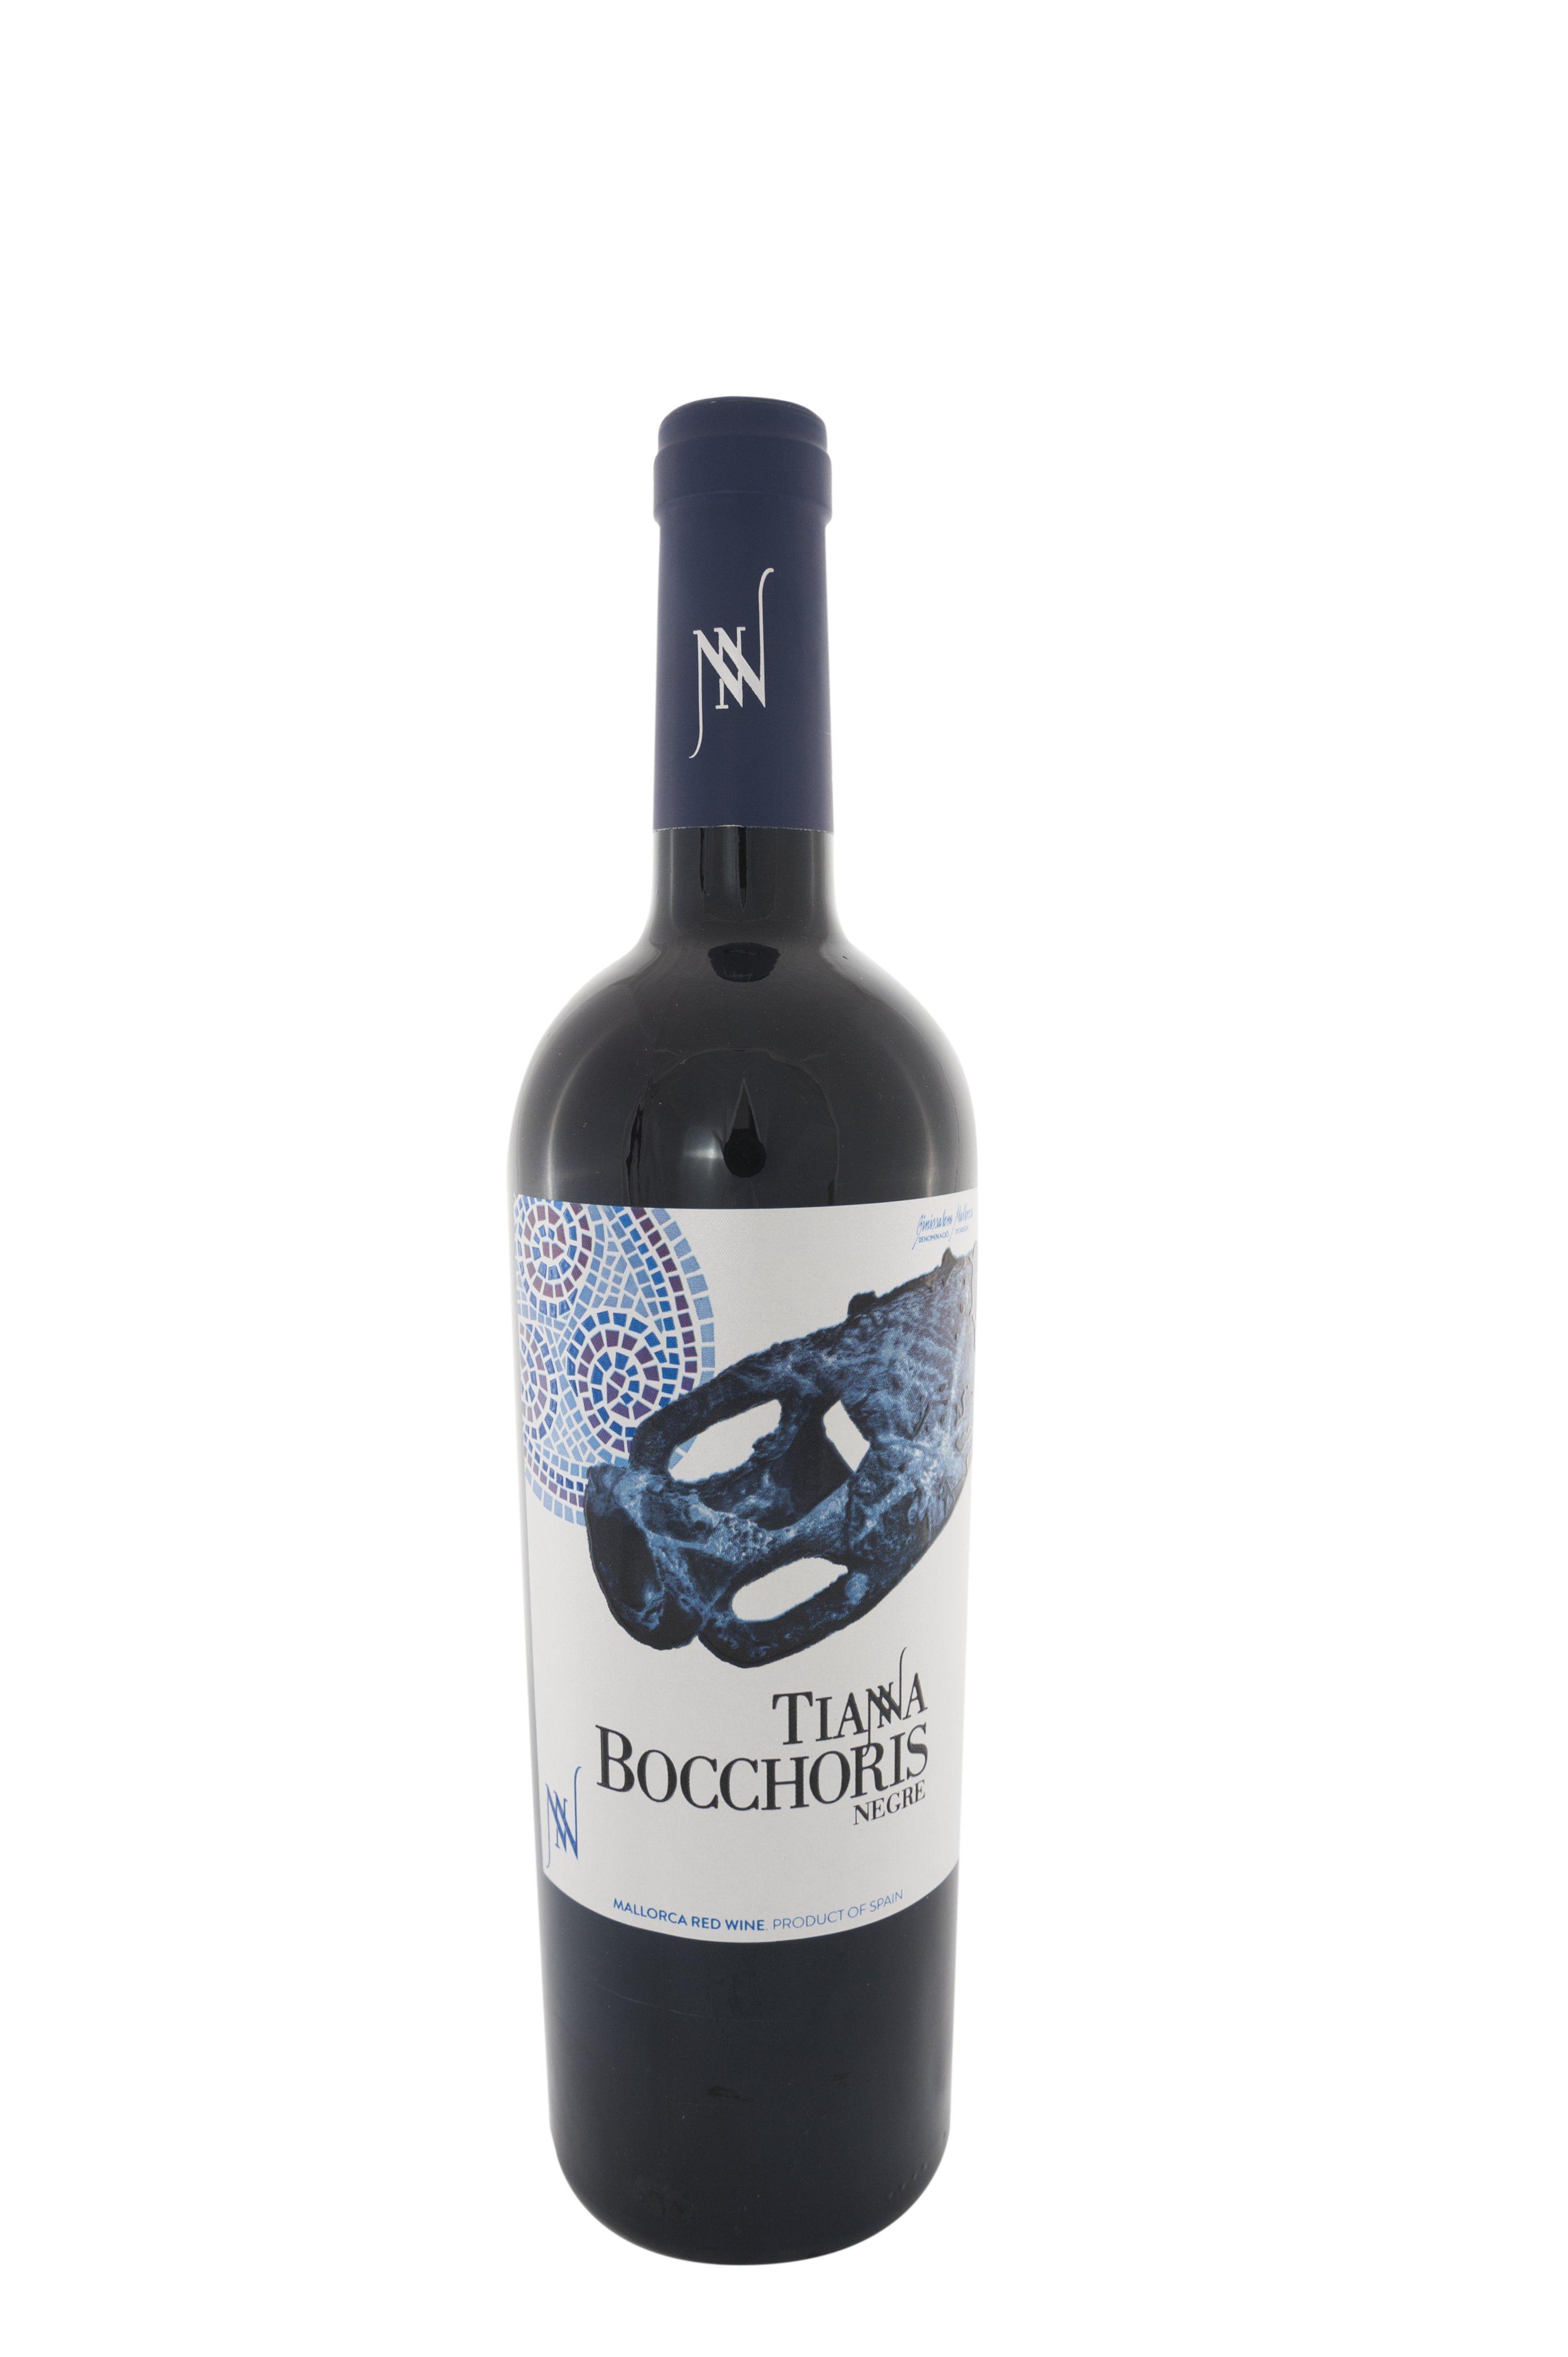 Bocchoris Negre 2013